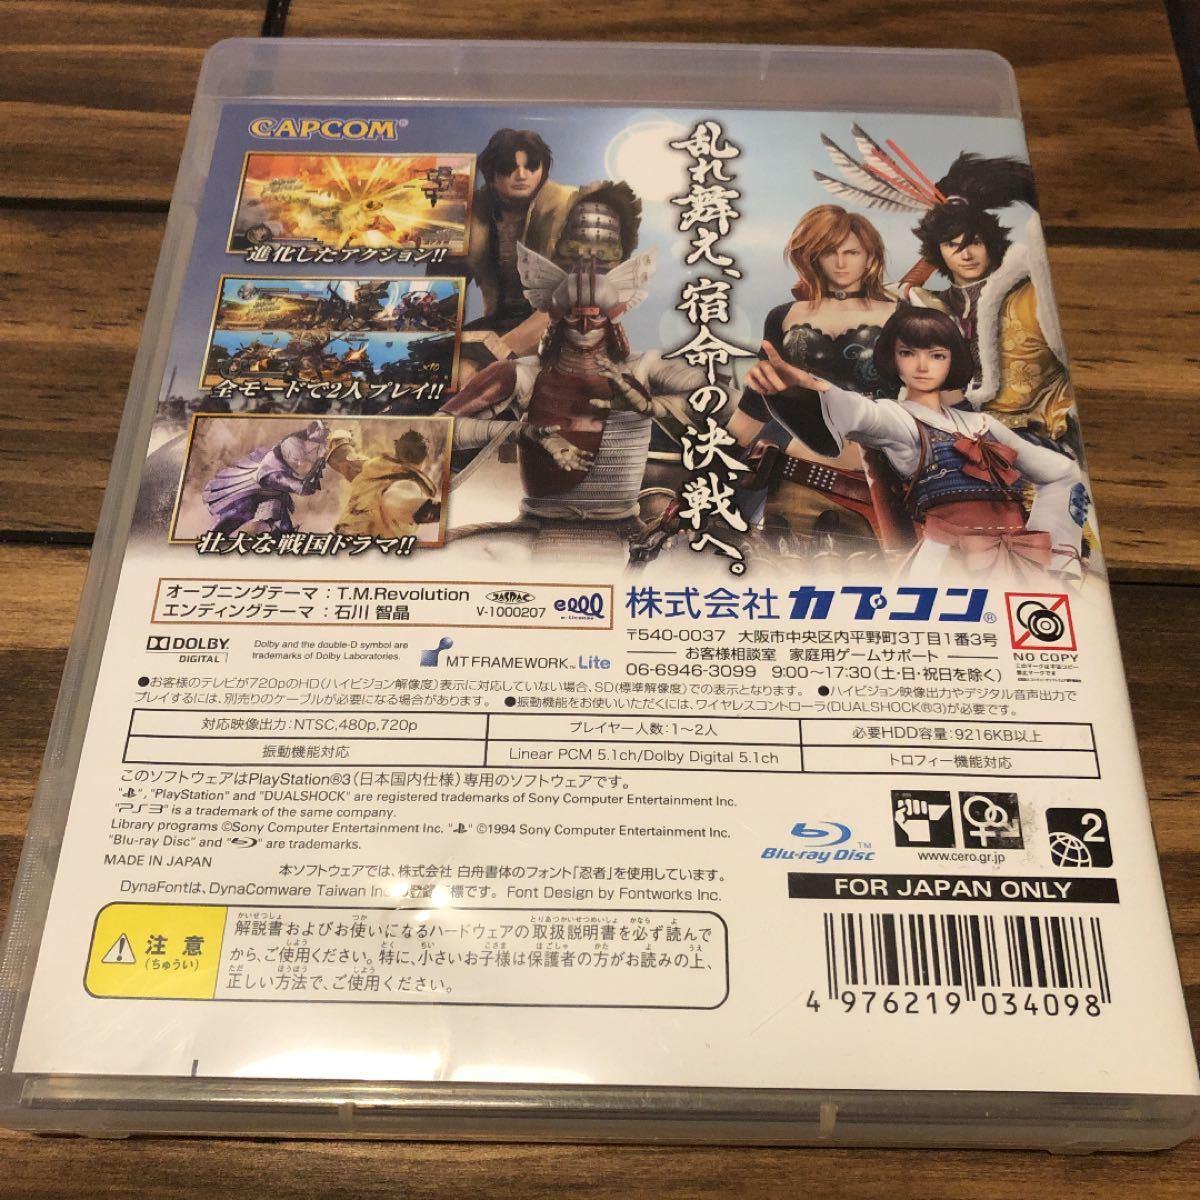 PS3ソフト『戦国BASARA3』